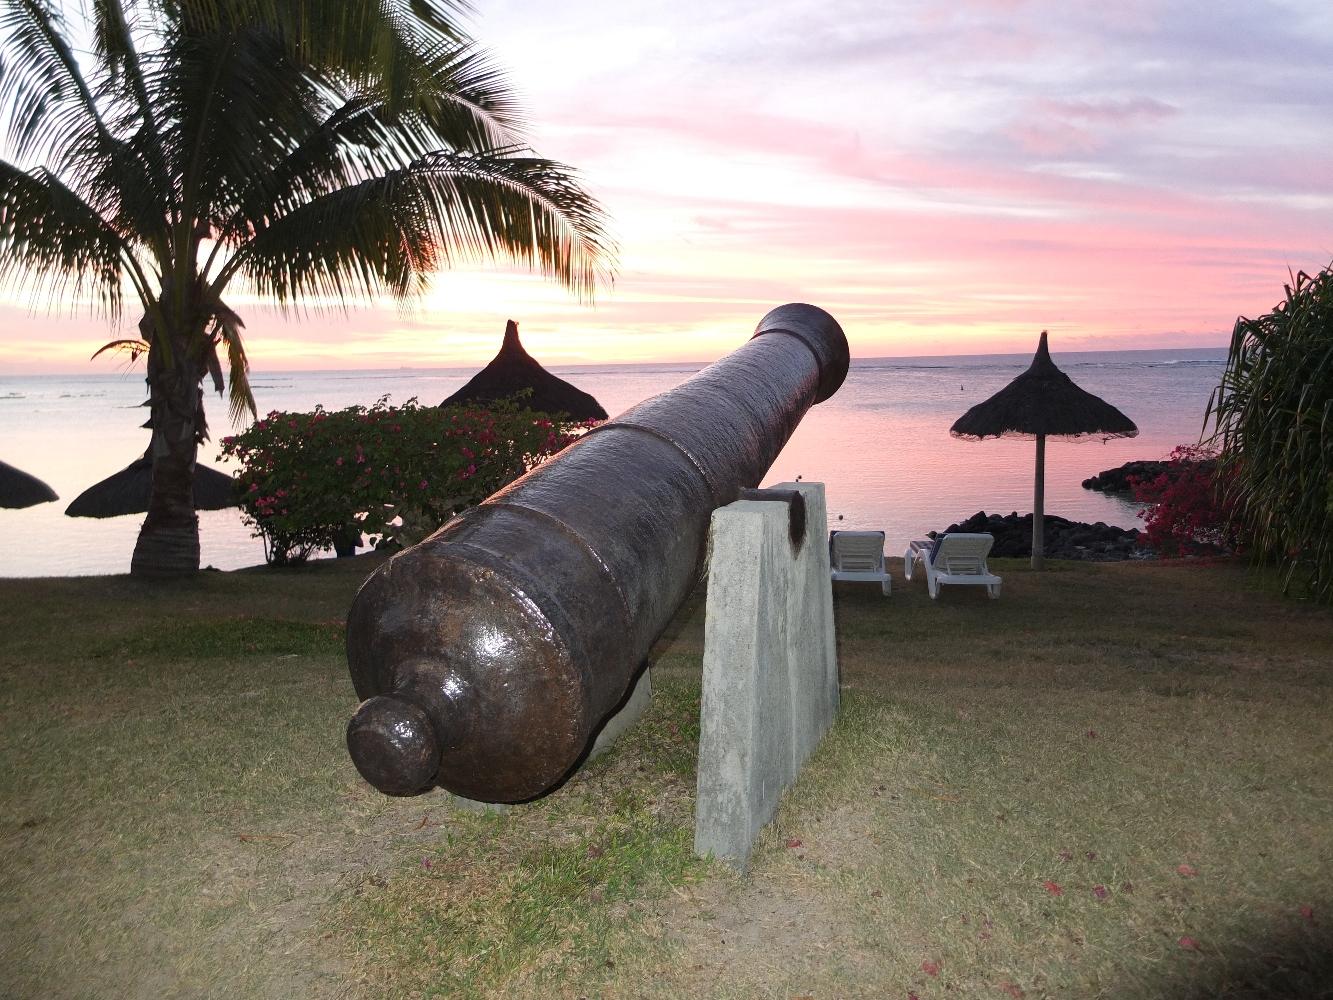 Plus de deux siècles sous les embruns marins n'ont pas eu raison de ces impressionnantes masses de fer qui mesurent plus de trois mètres de longueur et pèsent plus de trois tonnes…